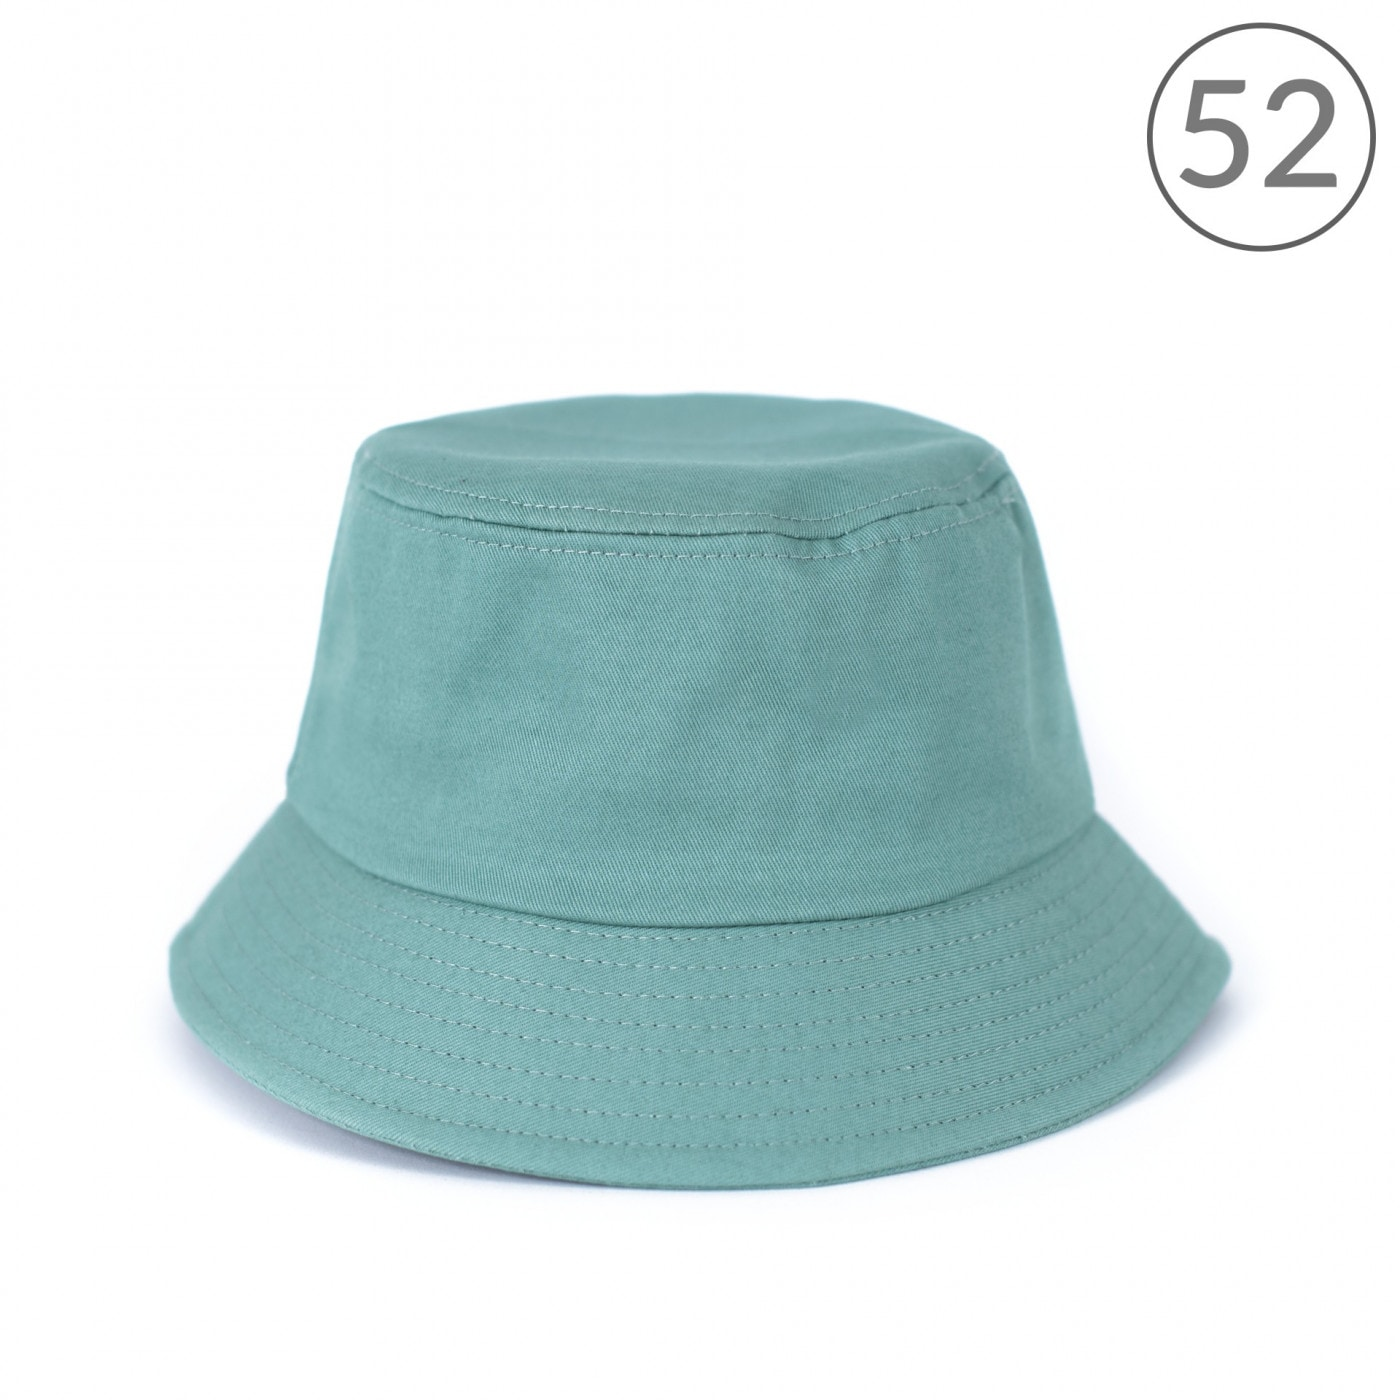 Art Of Polo Unisex's Hat cz19130 Mint